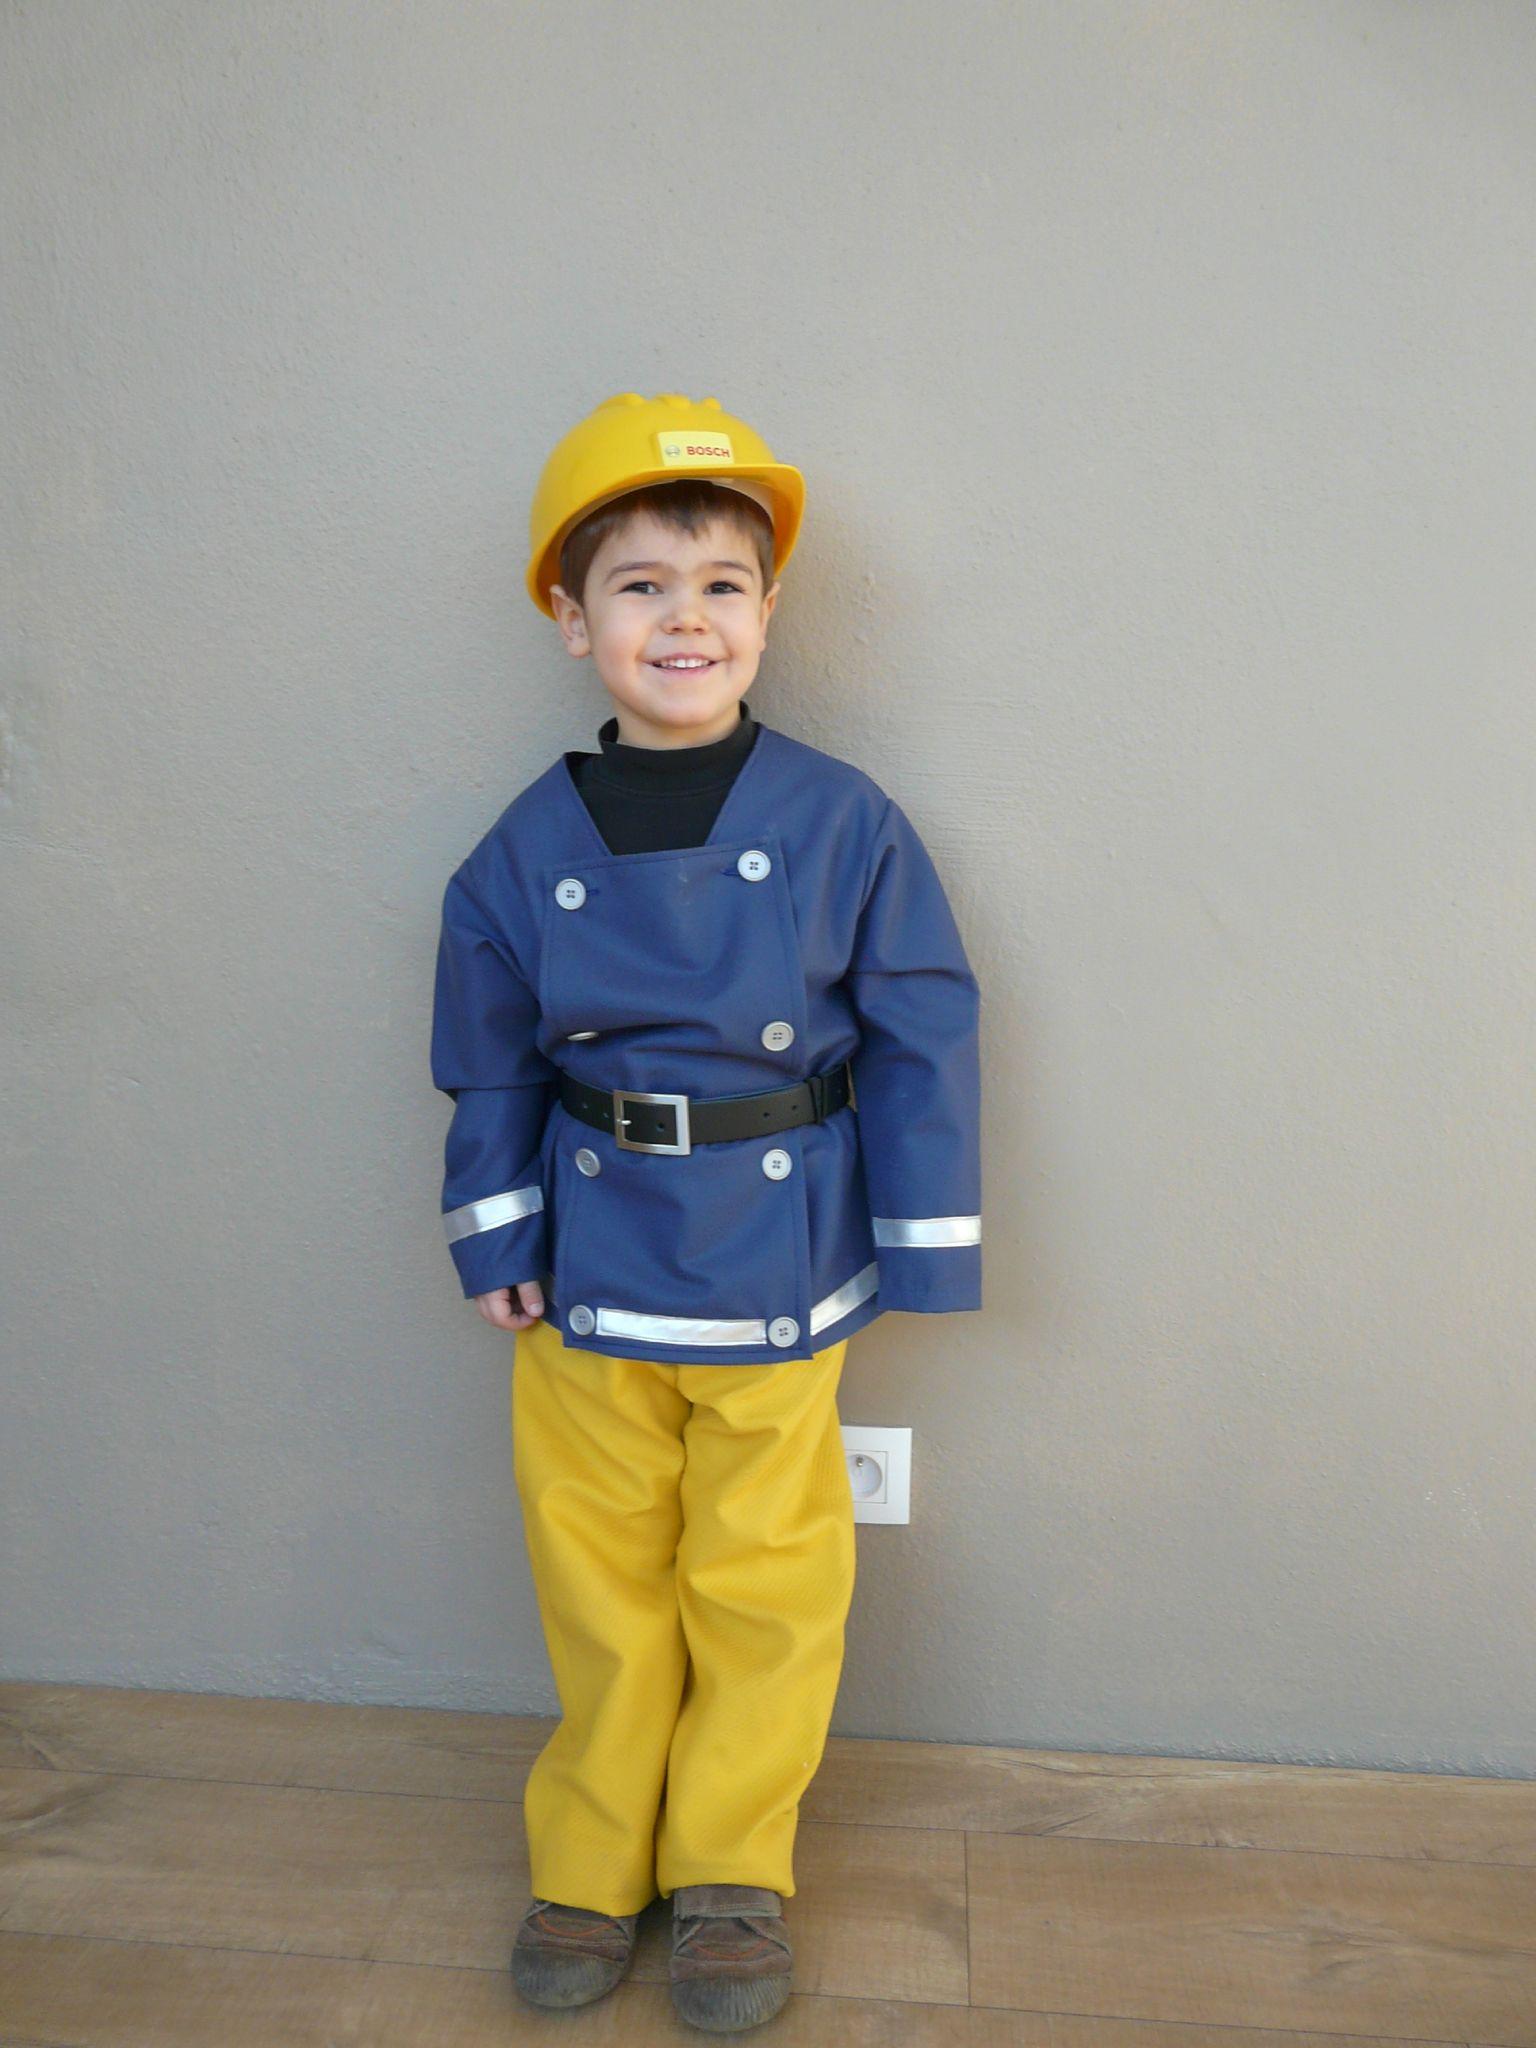 déguisement sam le pompier 3 ans